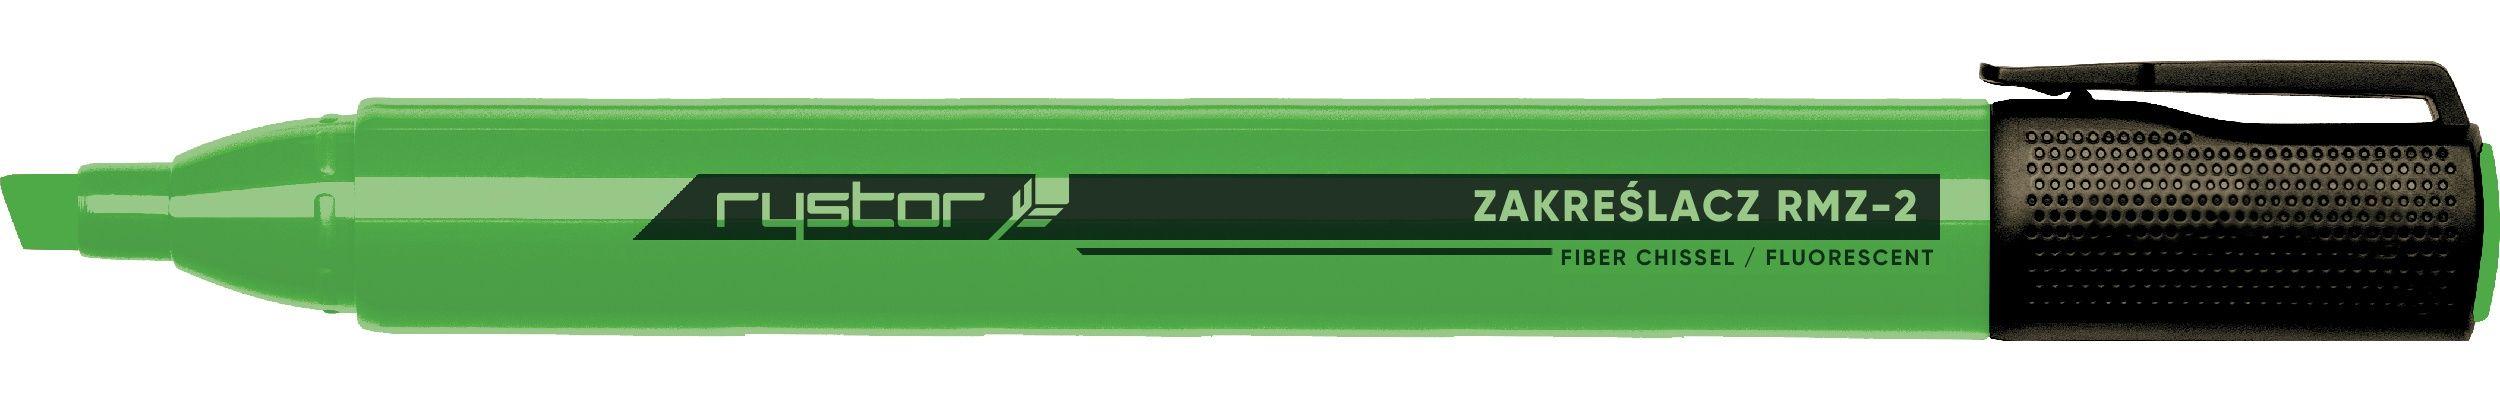 Highlighter RMZ-2